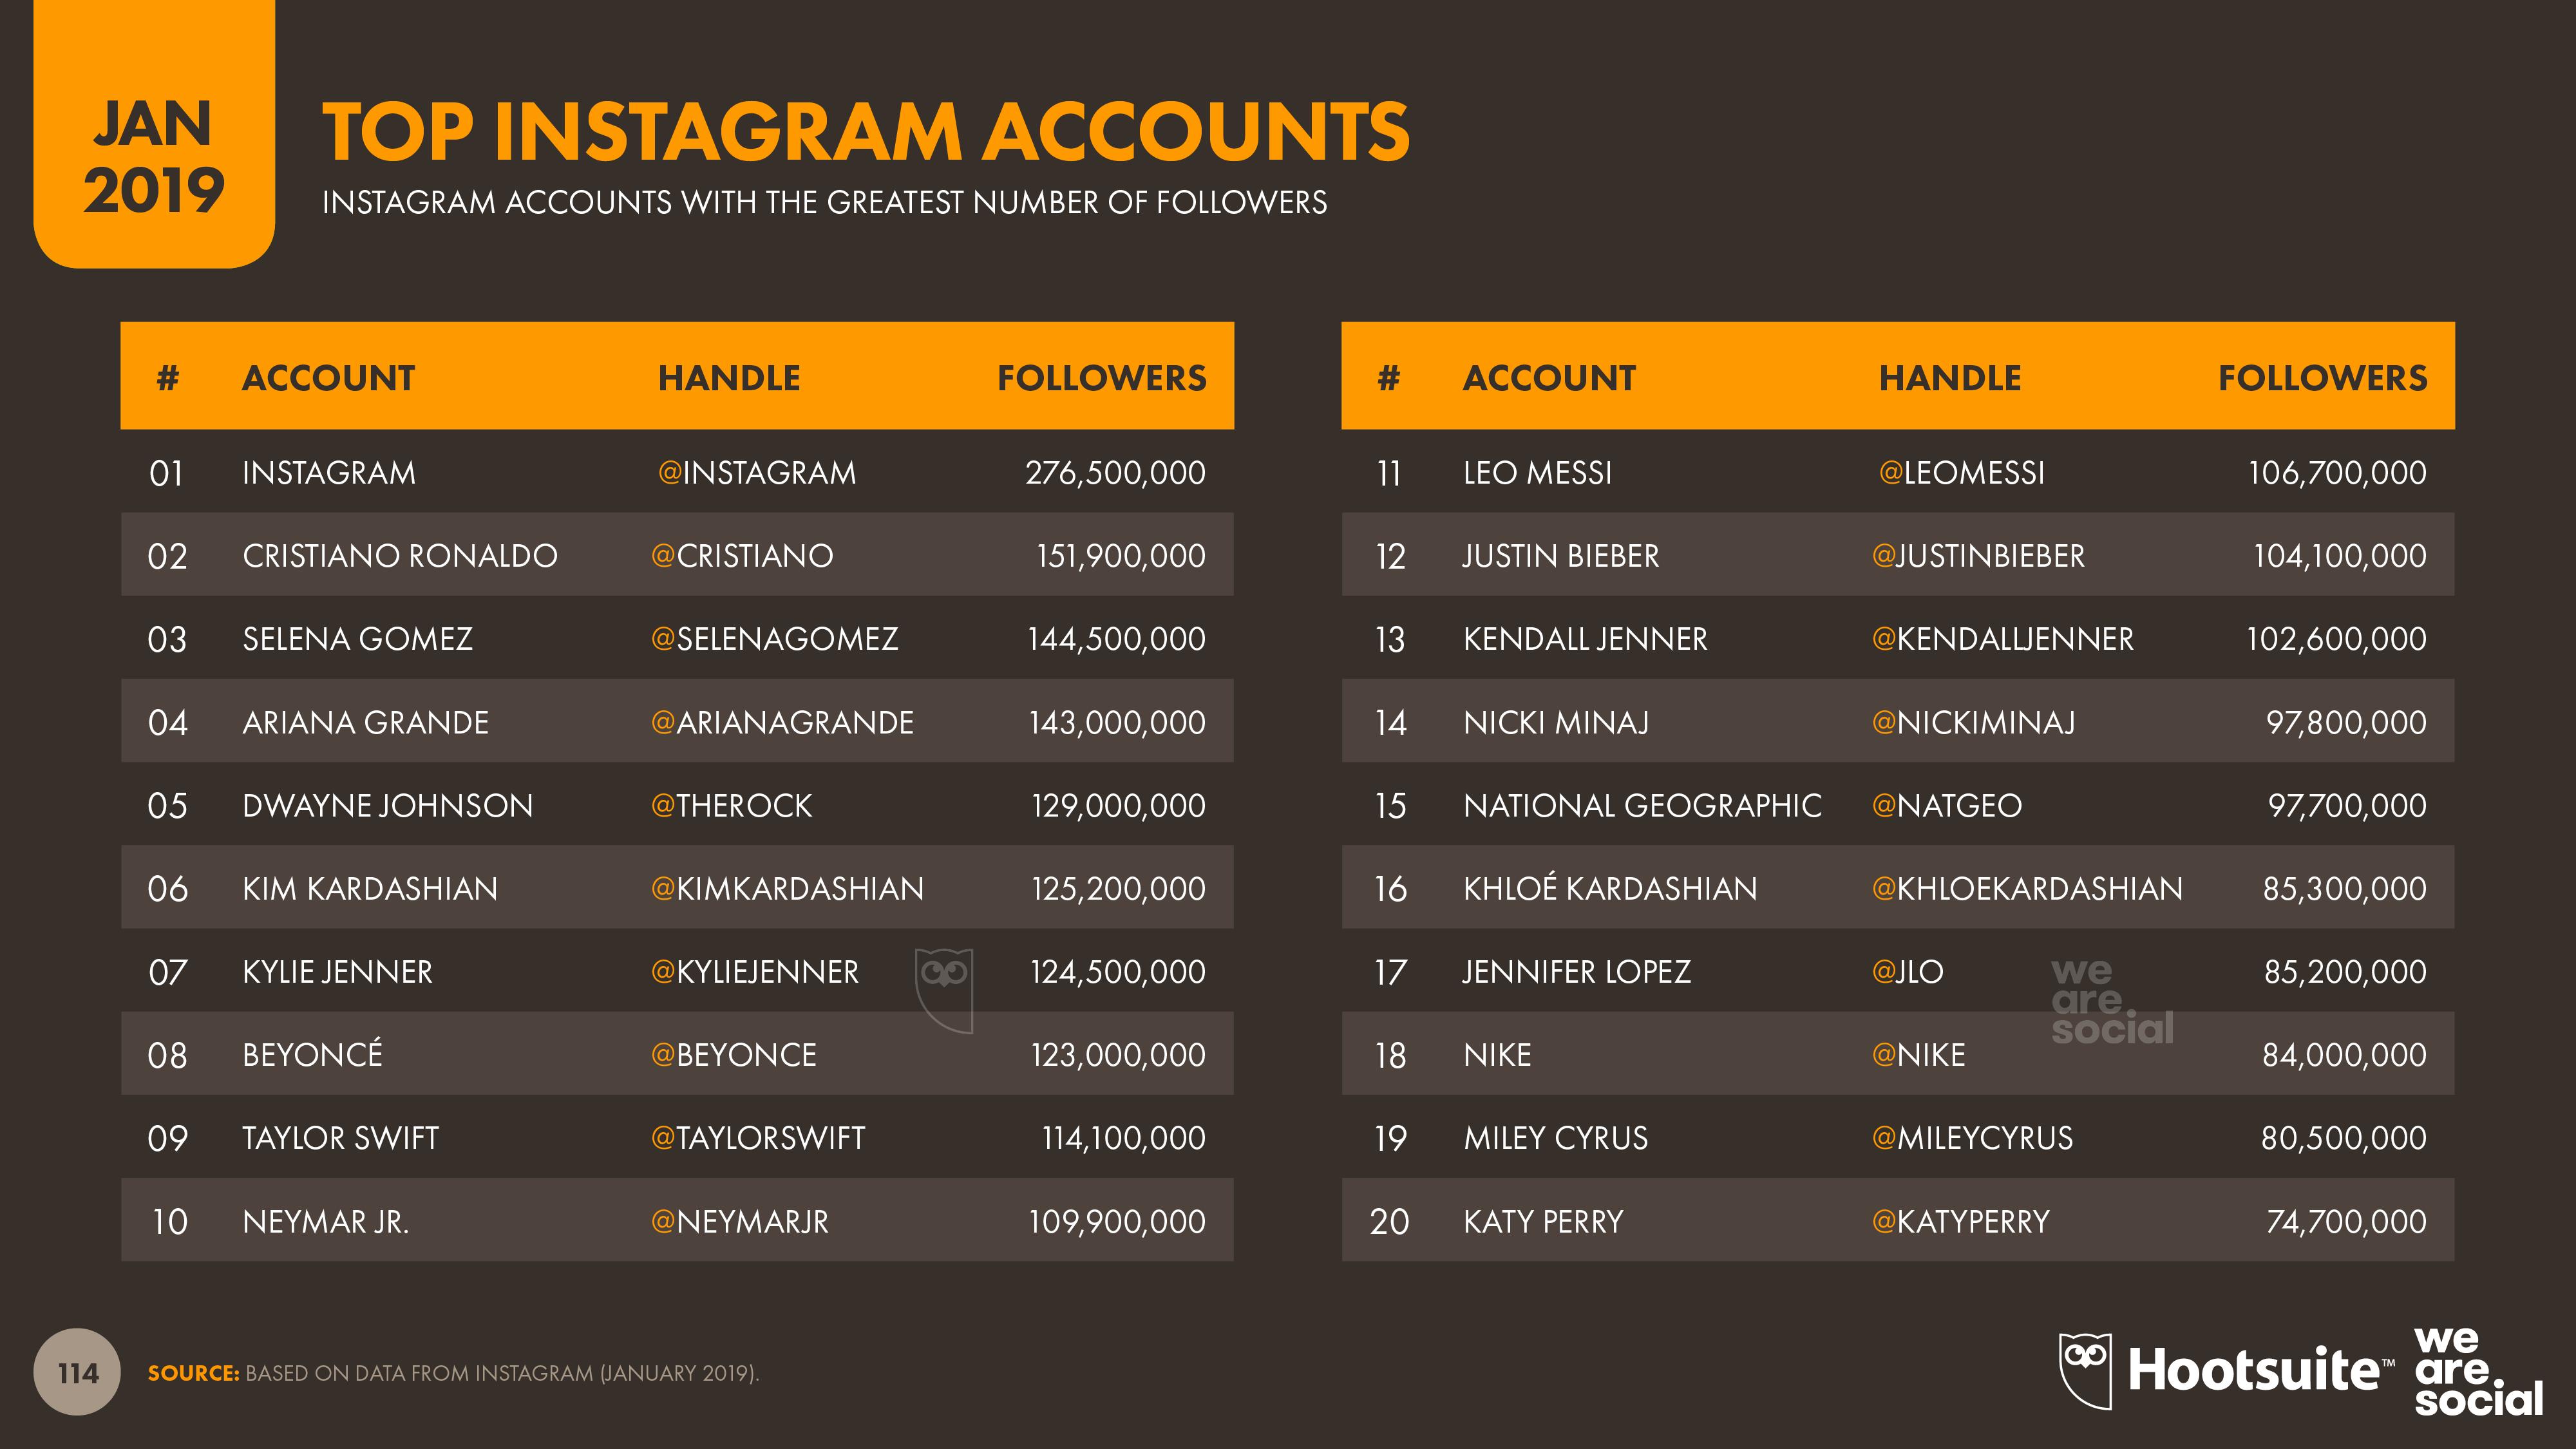 Digital 2019 Global Overview Images v01 - Slide 114 Instagram Top Accounts